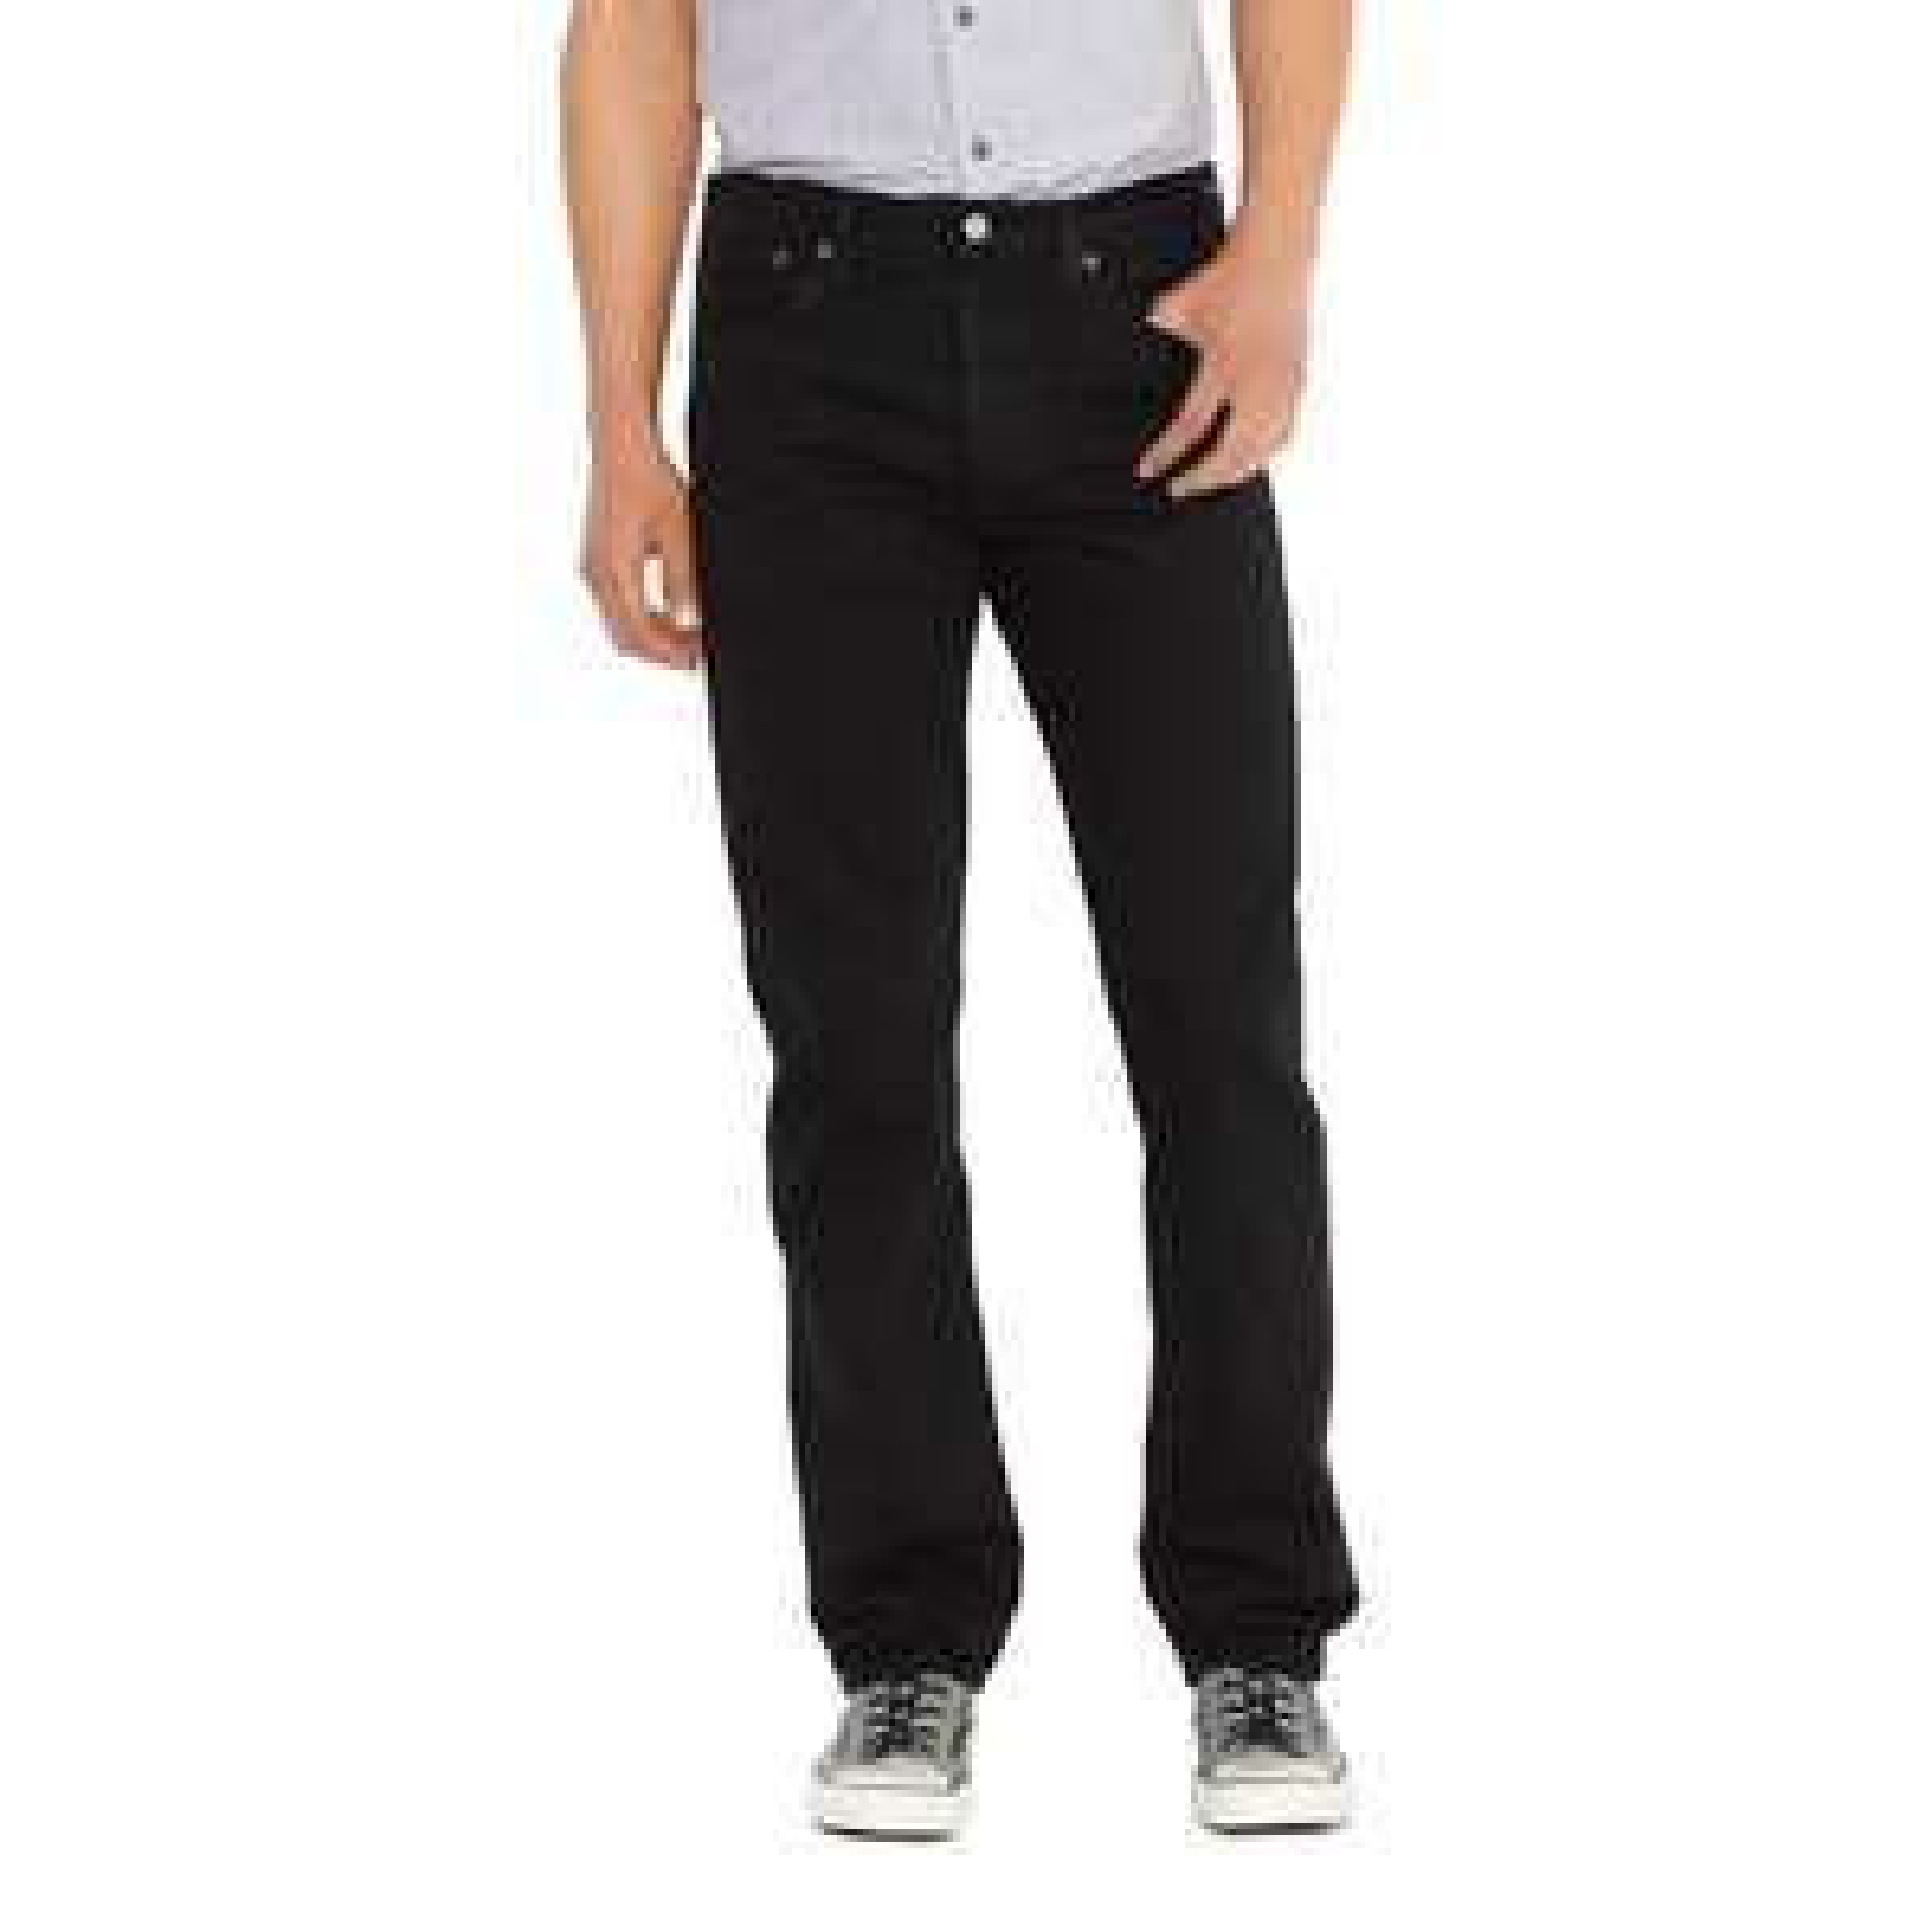 Levi's 501 jeans £45 @ Jean Scene